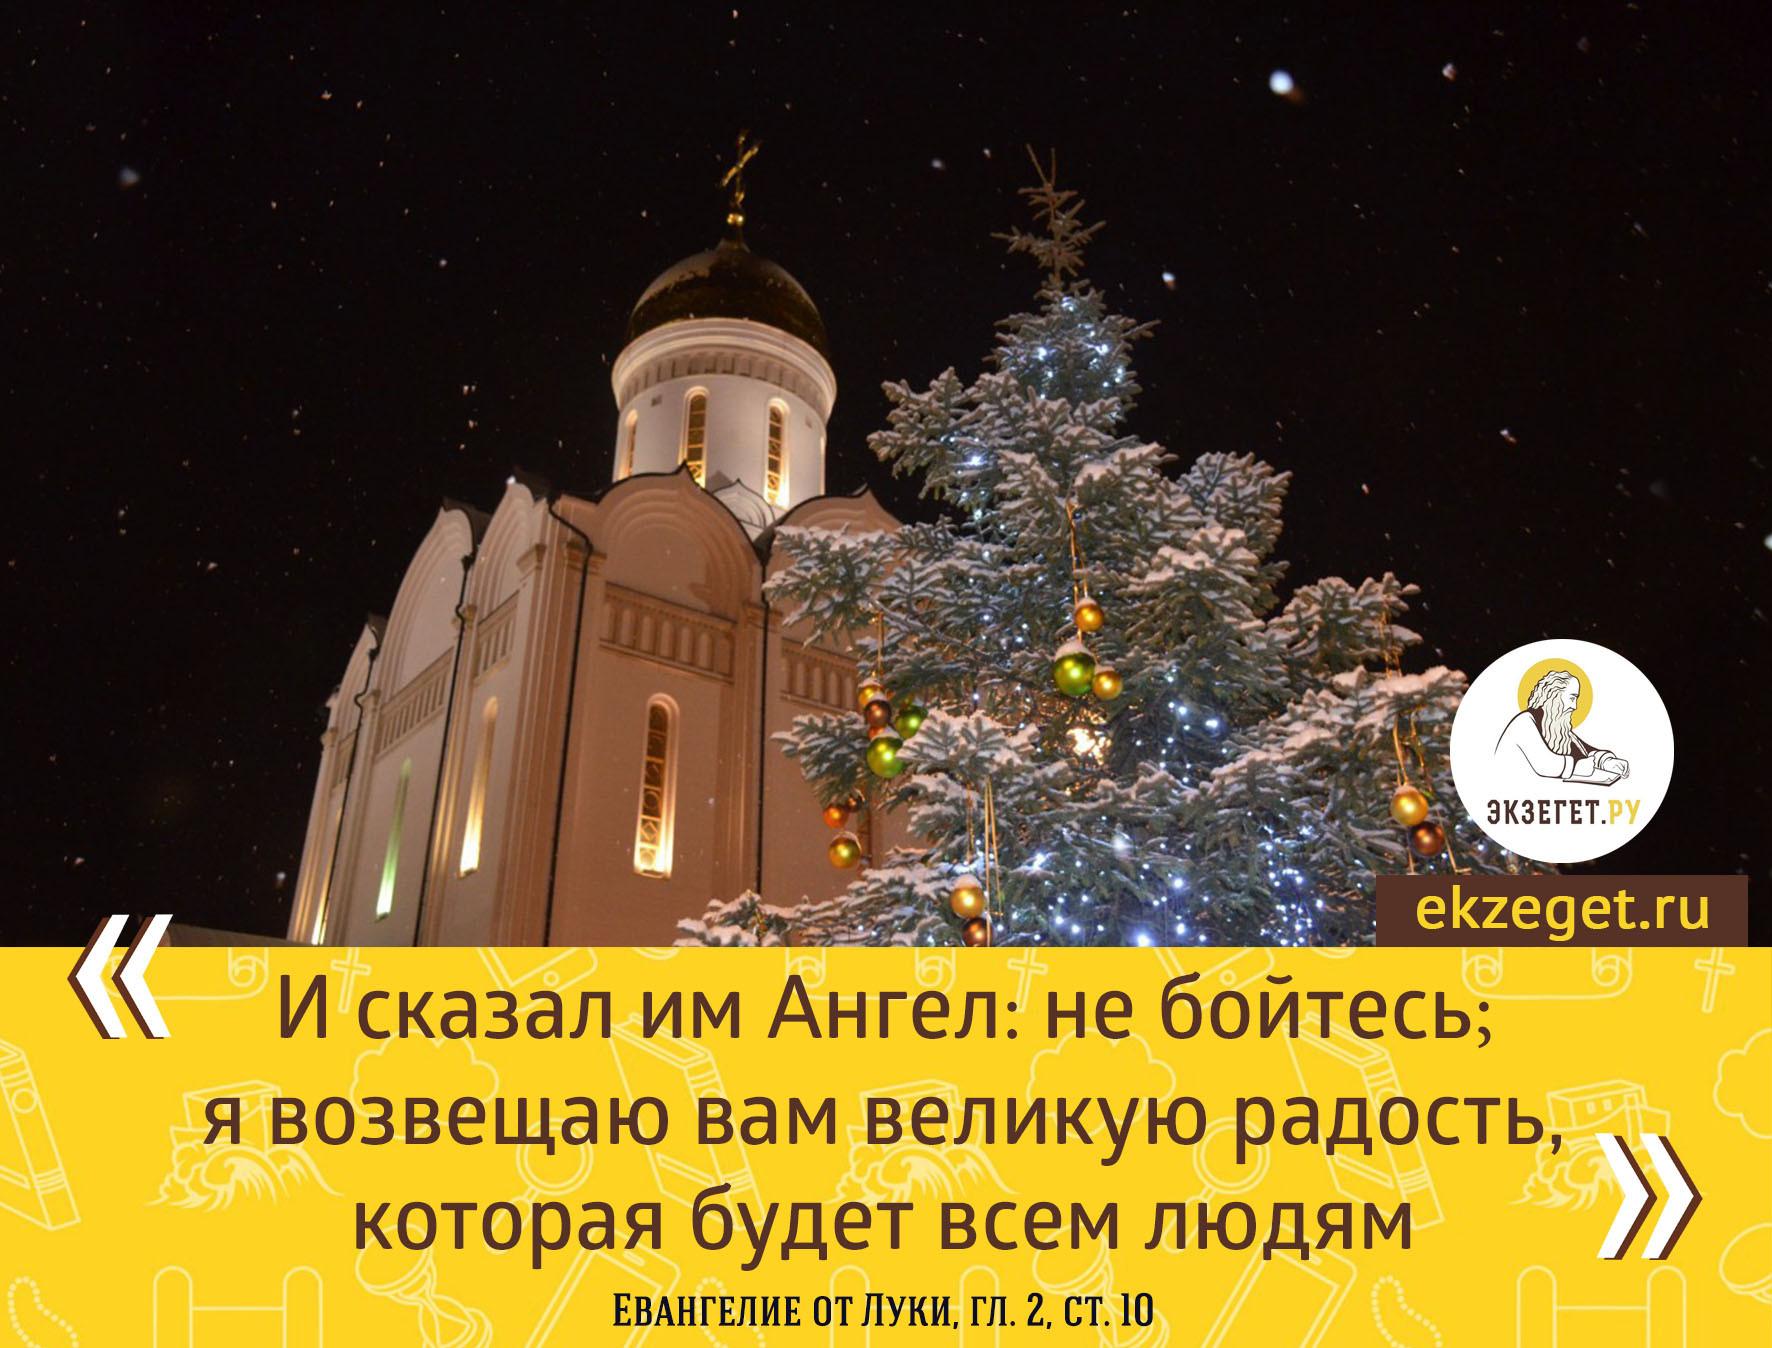 Лк. 2:10 И сказал им Ангел: не бойтесь; я возвещаю вам великую радость, которая будет всем людям: